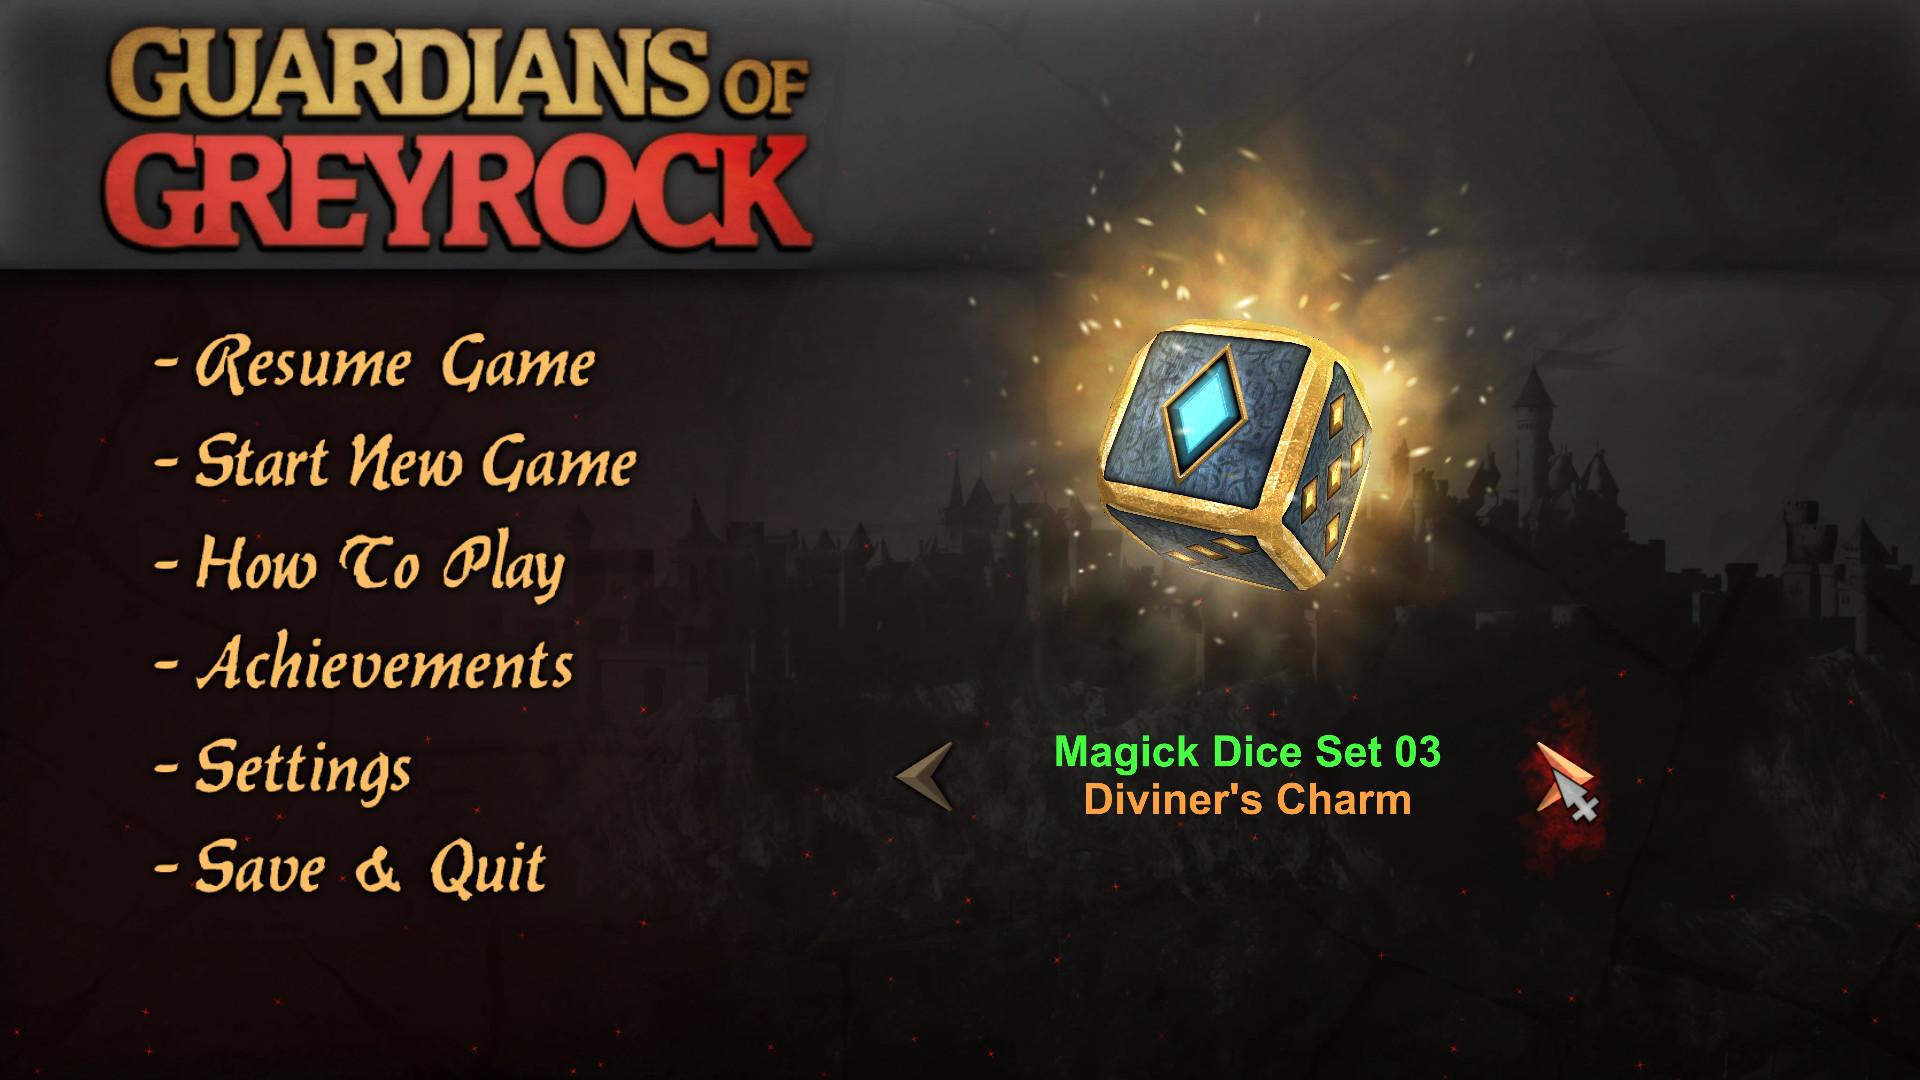 Guardians of Greyrock - Dice Pack: Magick Set 03 screenshot